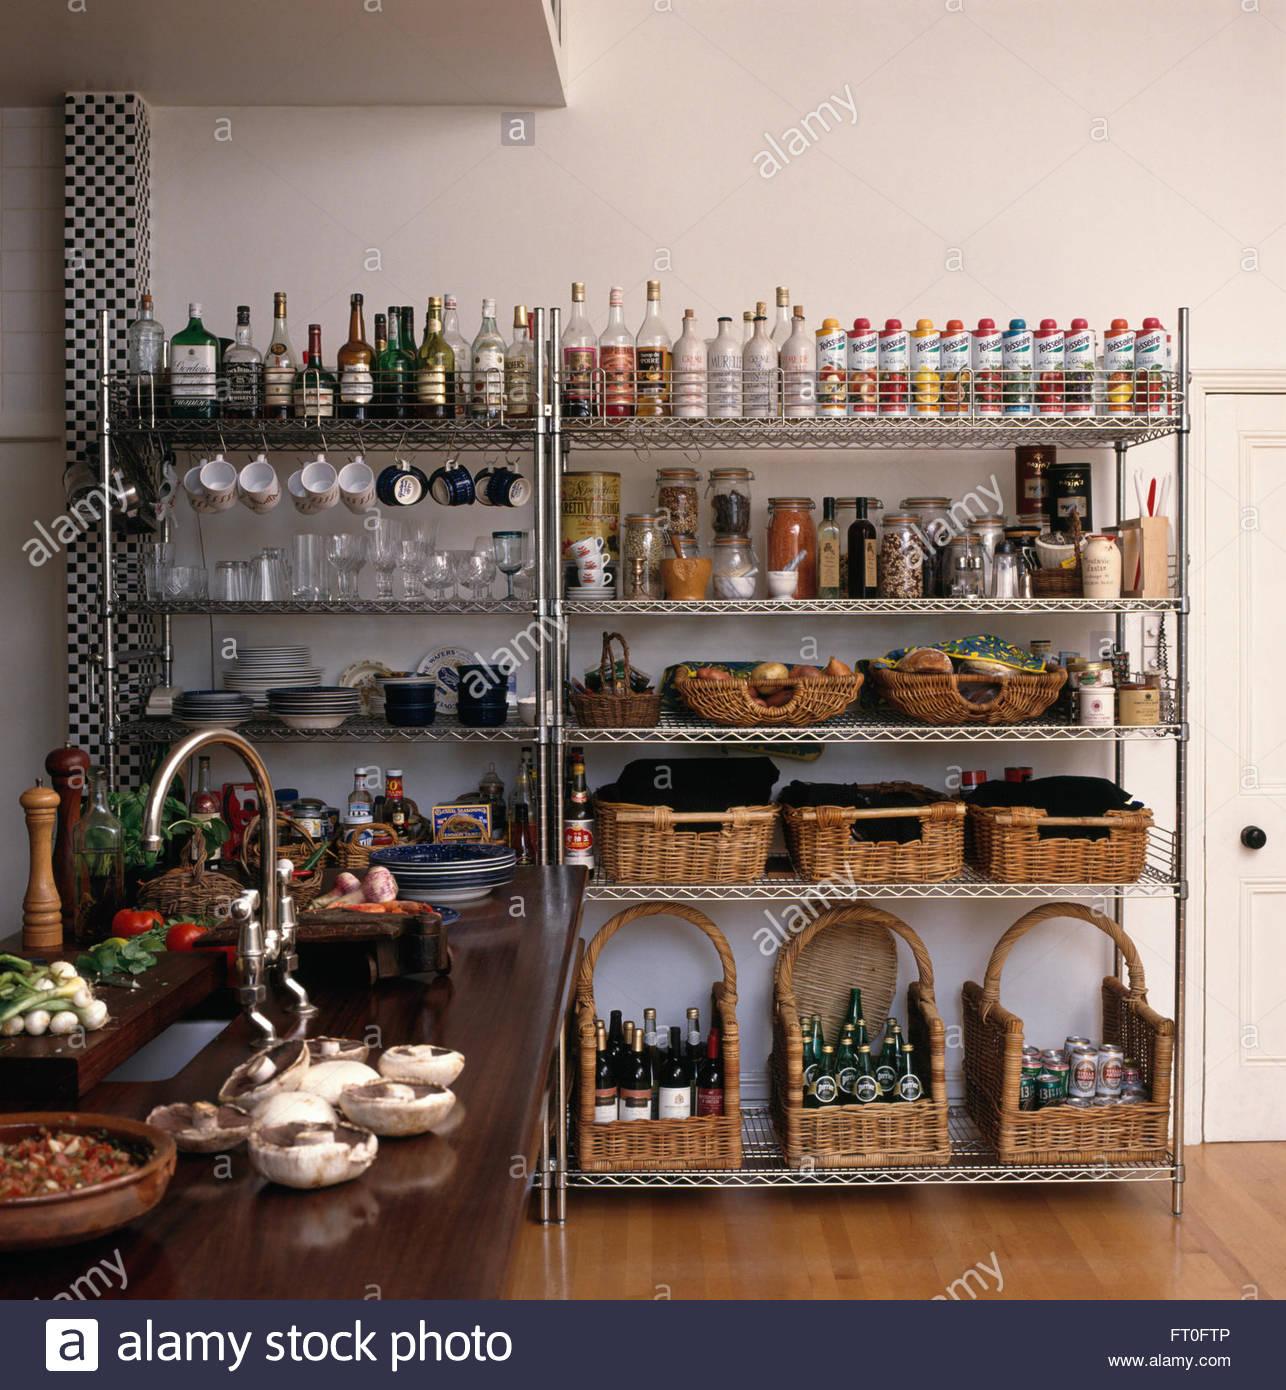 Full Size of Küche Aufbewahrung Hängend Küche Aufbewahrung Kunststoff Ideen Kleine Küche Aufbewahrung Plastikfreie Küche Aufbewahrung Küche Küche Aufbewahrung